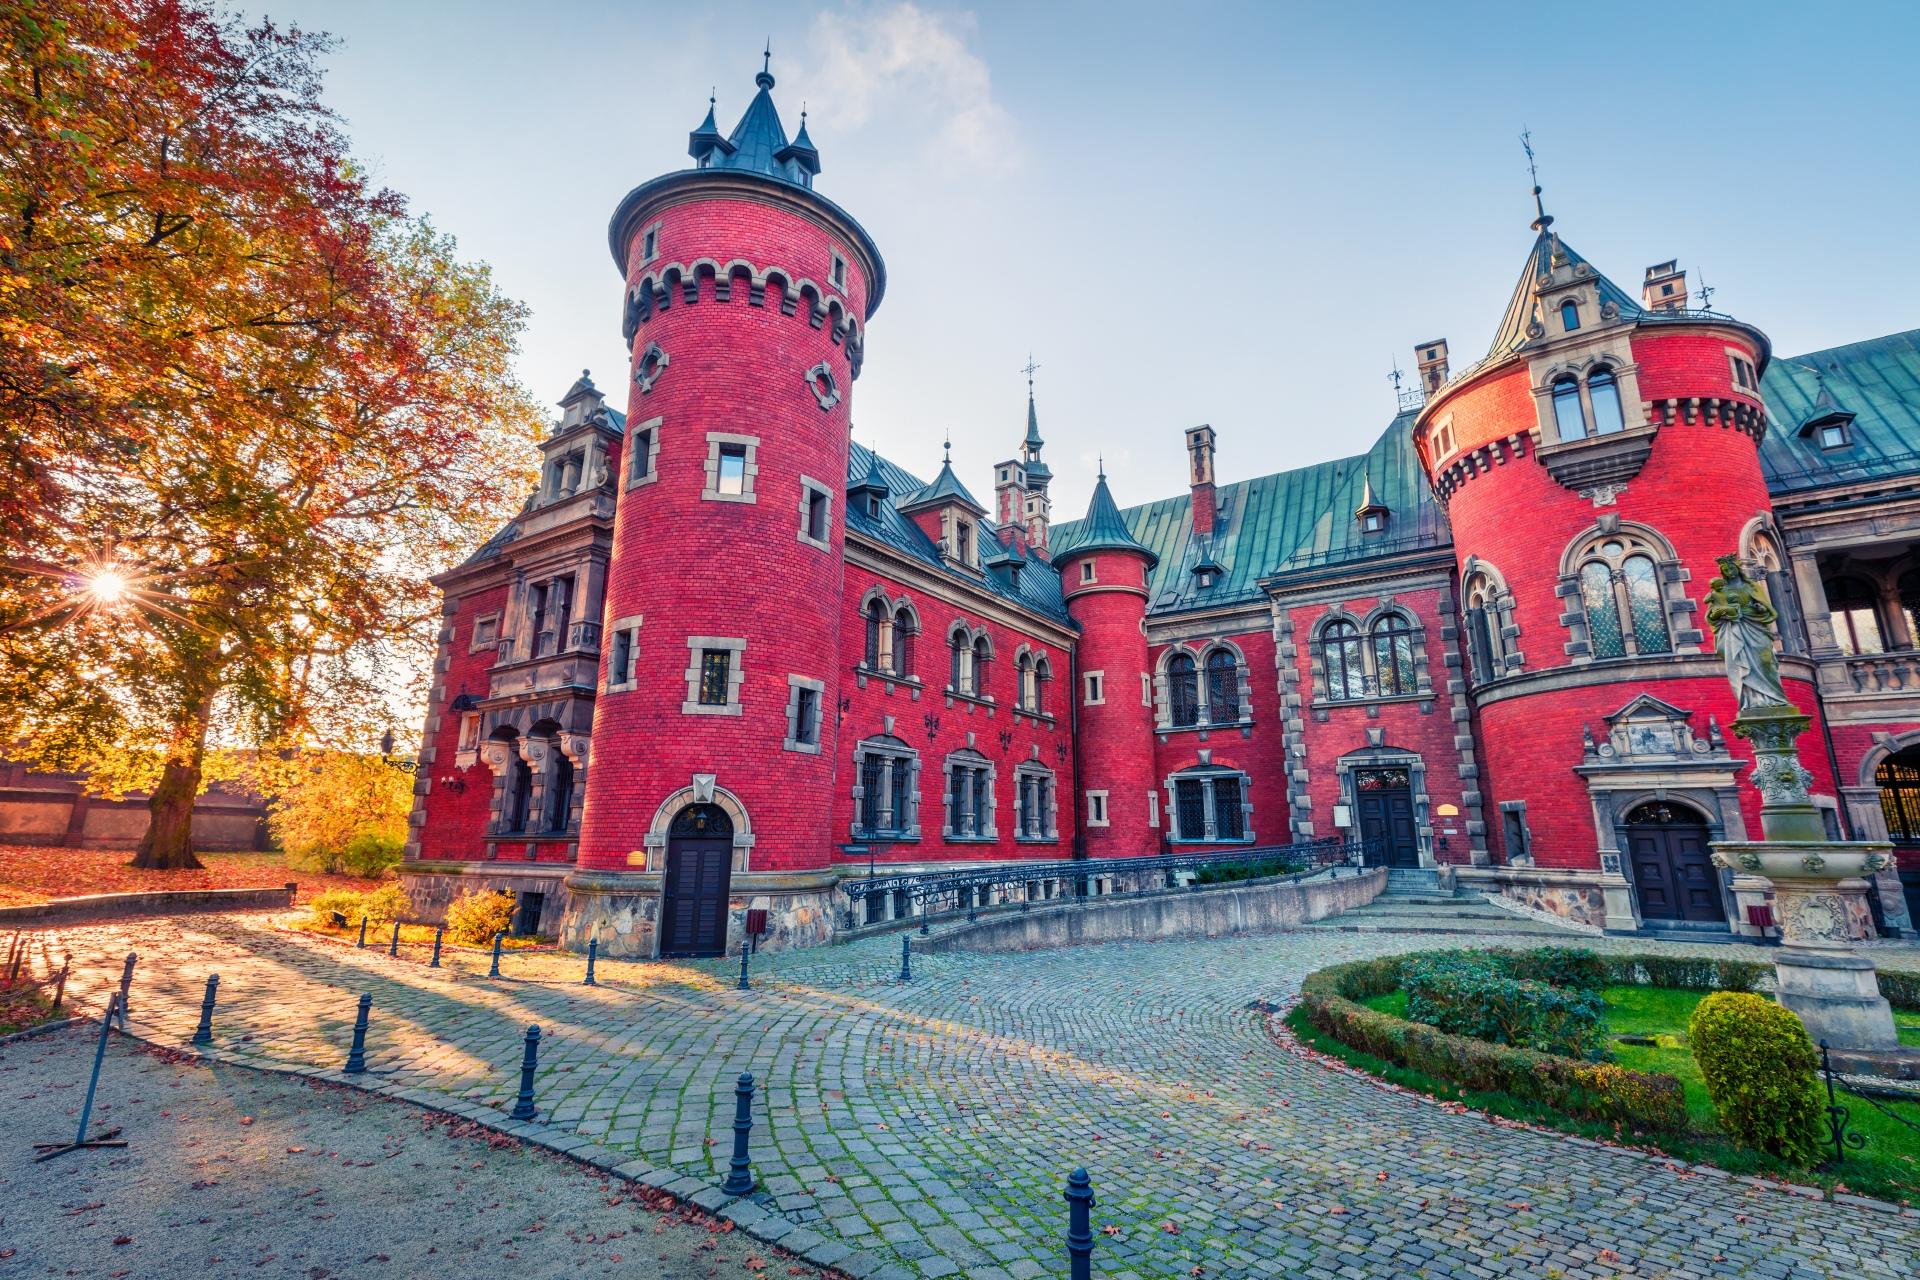 秋の朝の風景 ポーランドの風景